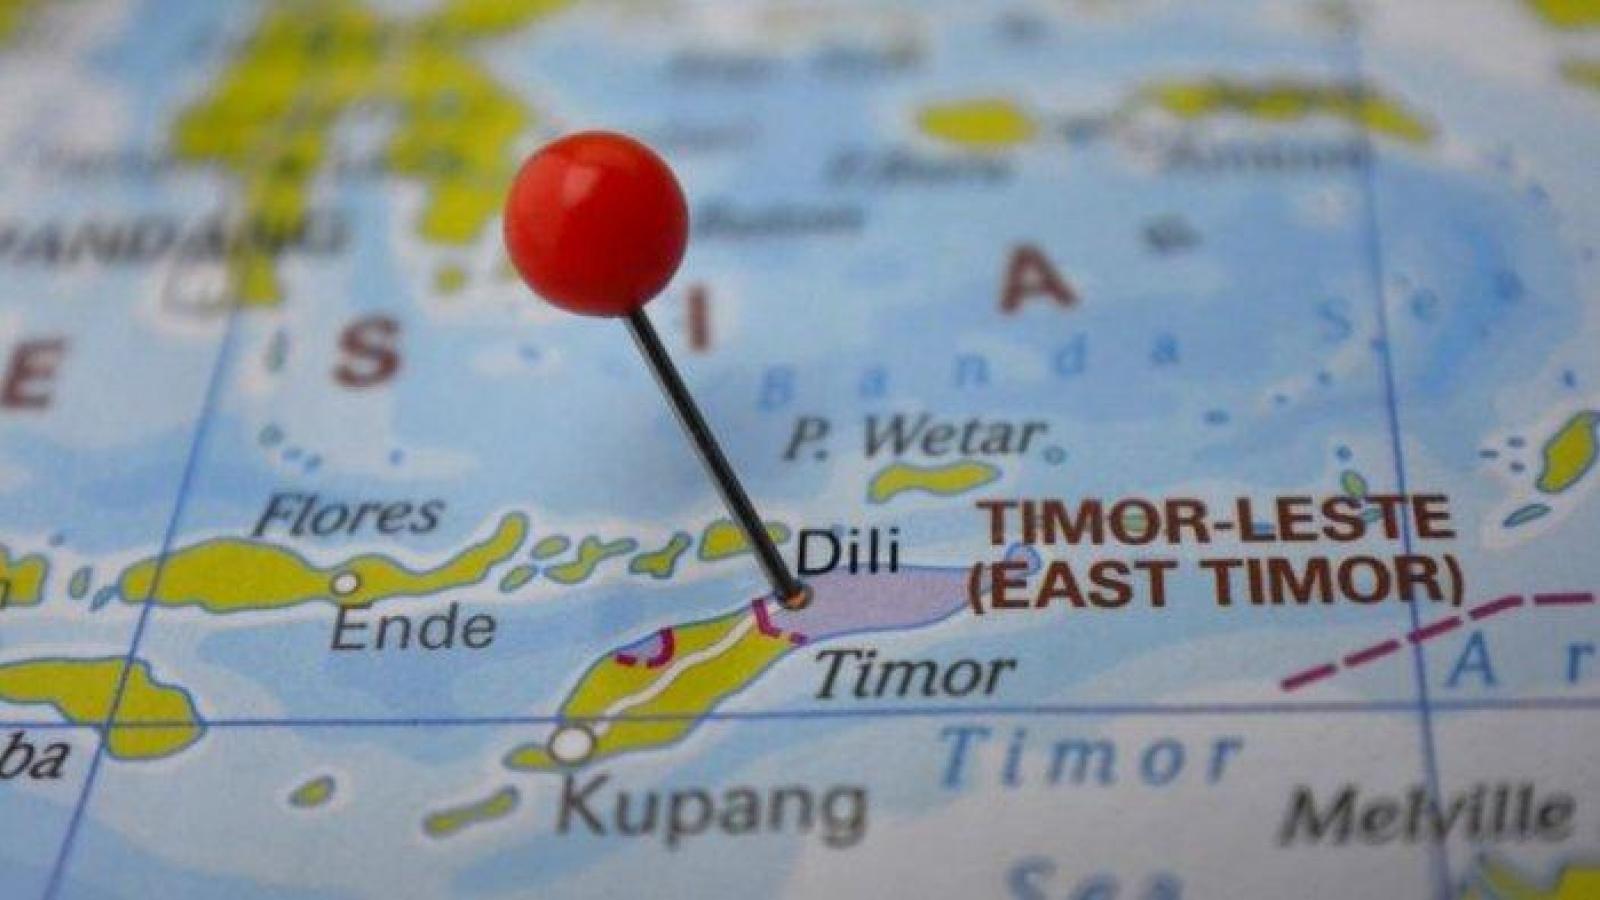 Vì sao người dân Timor Leste bất ngờ muốn tái gia nhập Indonesia?